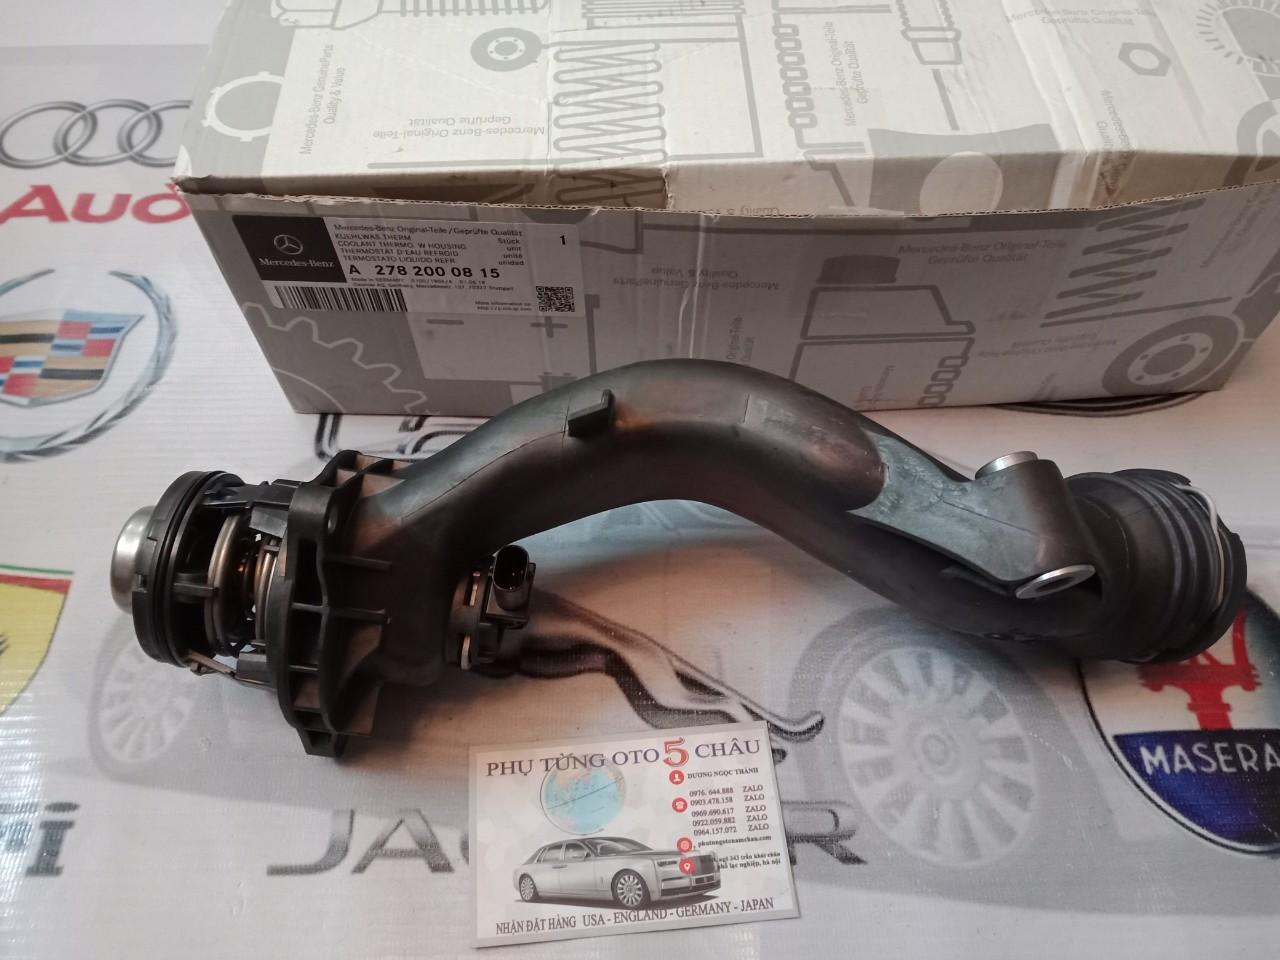 Van Hàn Nhiệt Mercedes 2782000815 (4)